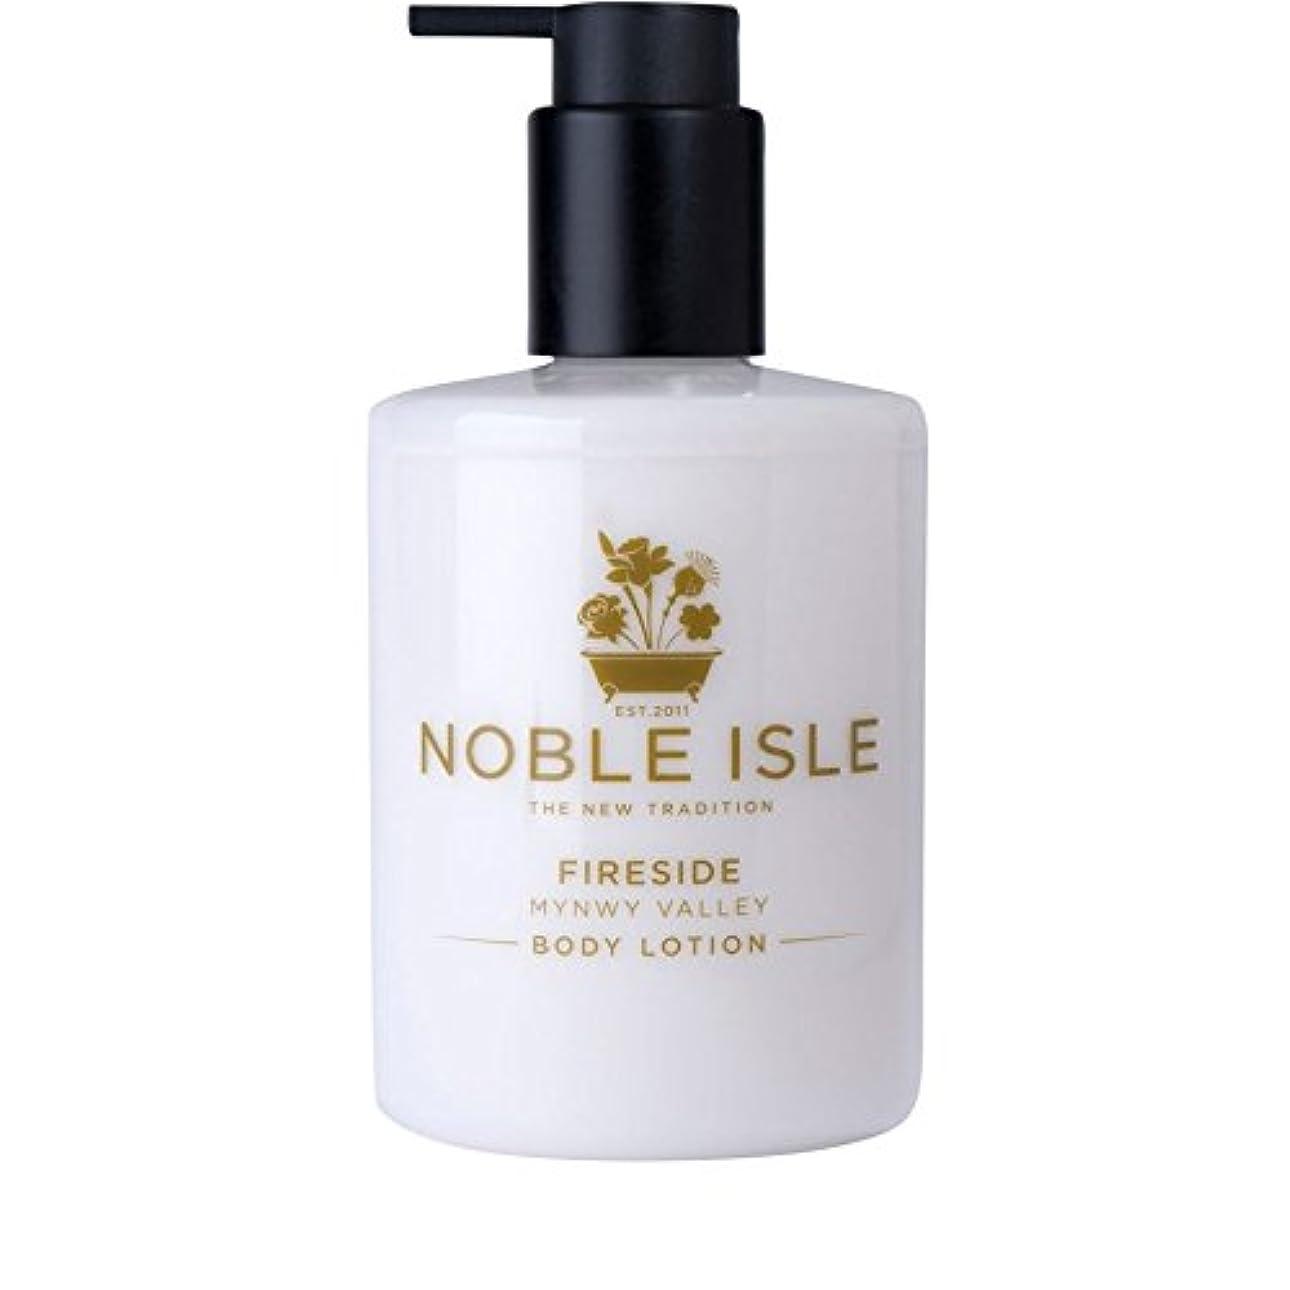 標高コンデンサー高貴な島炉端谷のボディローション250ミリリットル x4 - Noble Isle Fireside Mynwy Valley Body Lotion 250ml (Pack of 4) [並行輸入品]